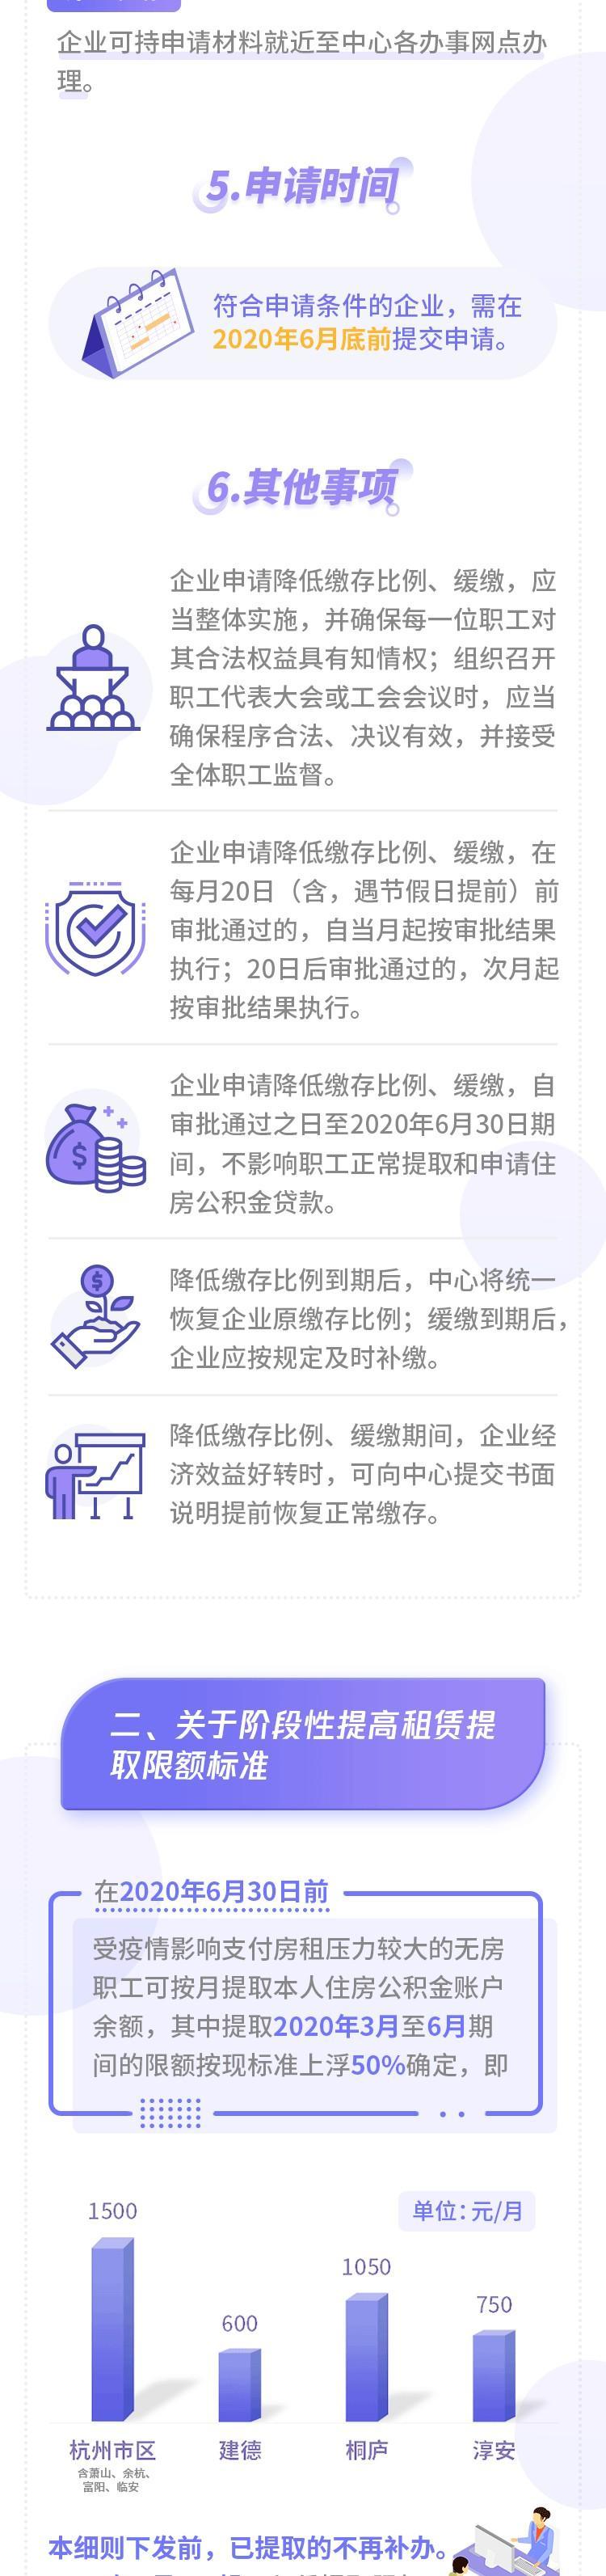 关于住房公积金,杭州再次出手!图2